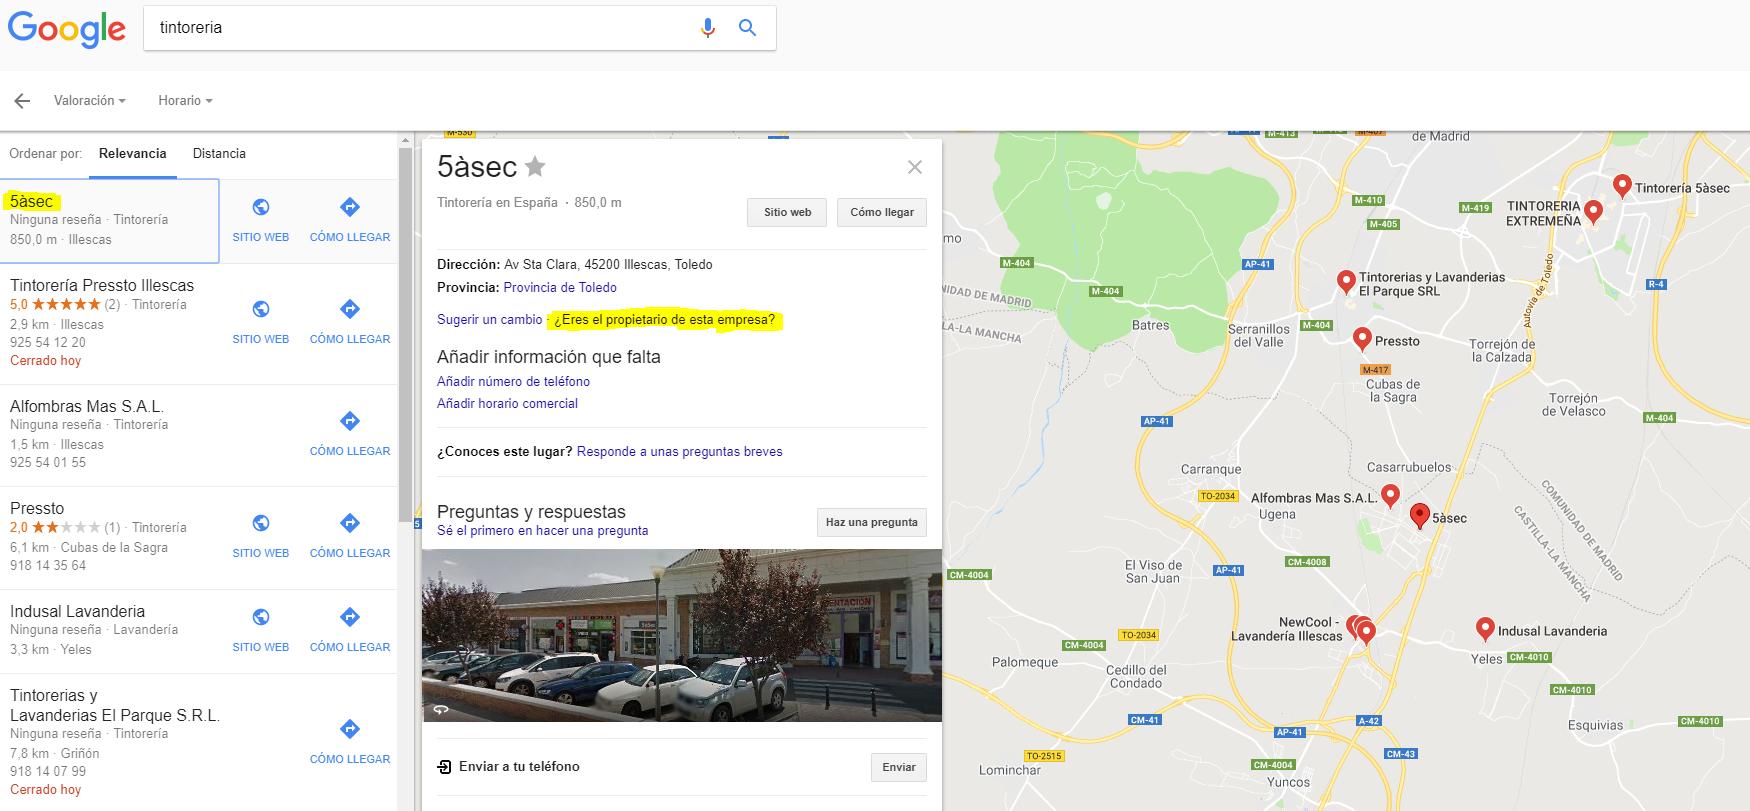 Empresa de Google no verificada